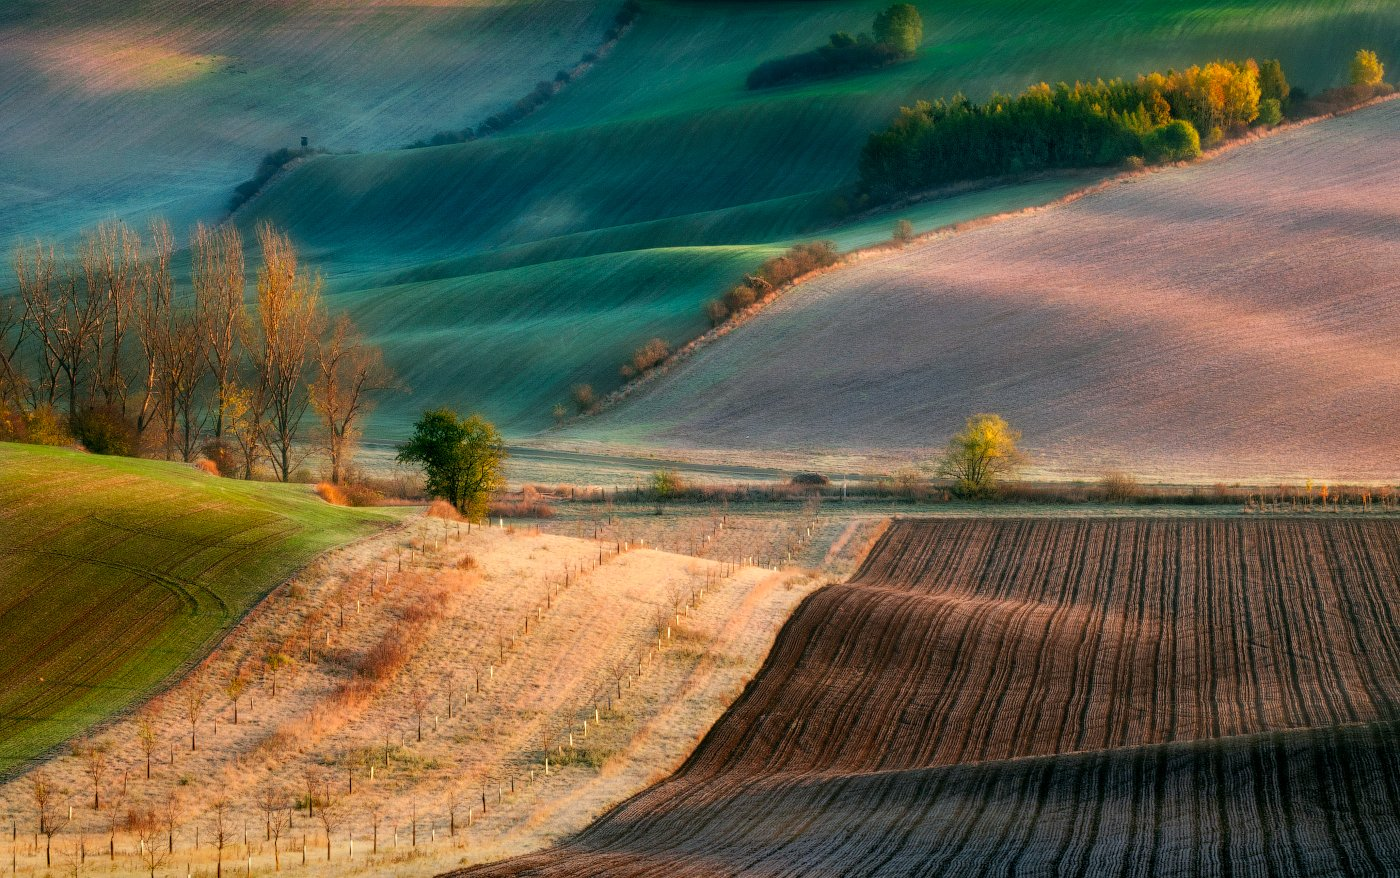 Моравия, волны, поля, утро, деревья, осень, рассвет, Cтанислав Малых